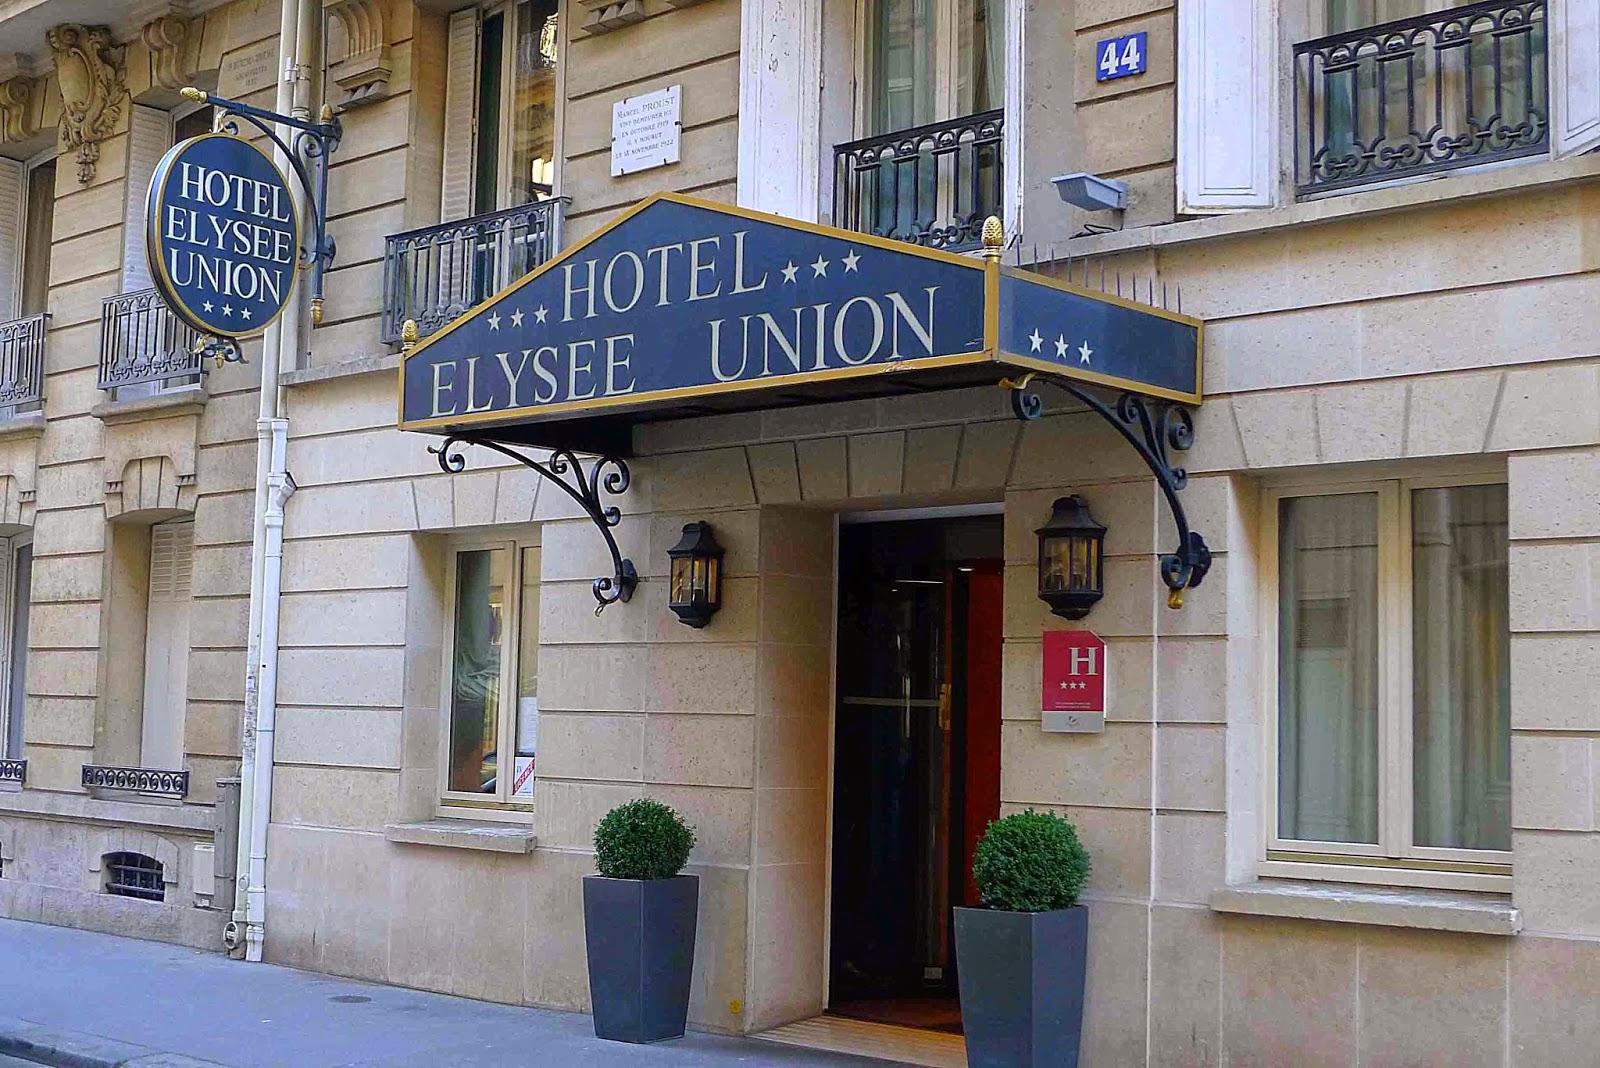 Hotel Elysee Union